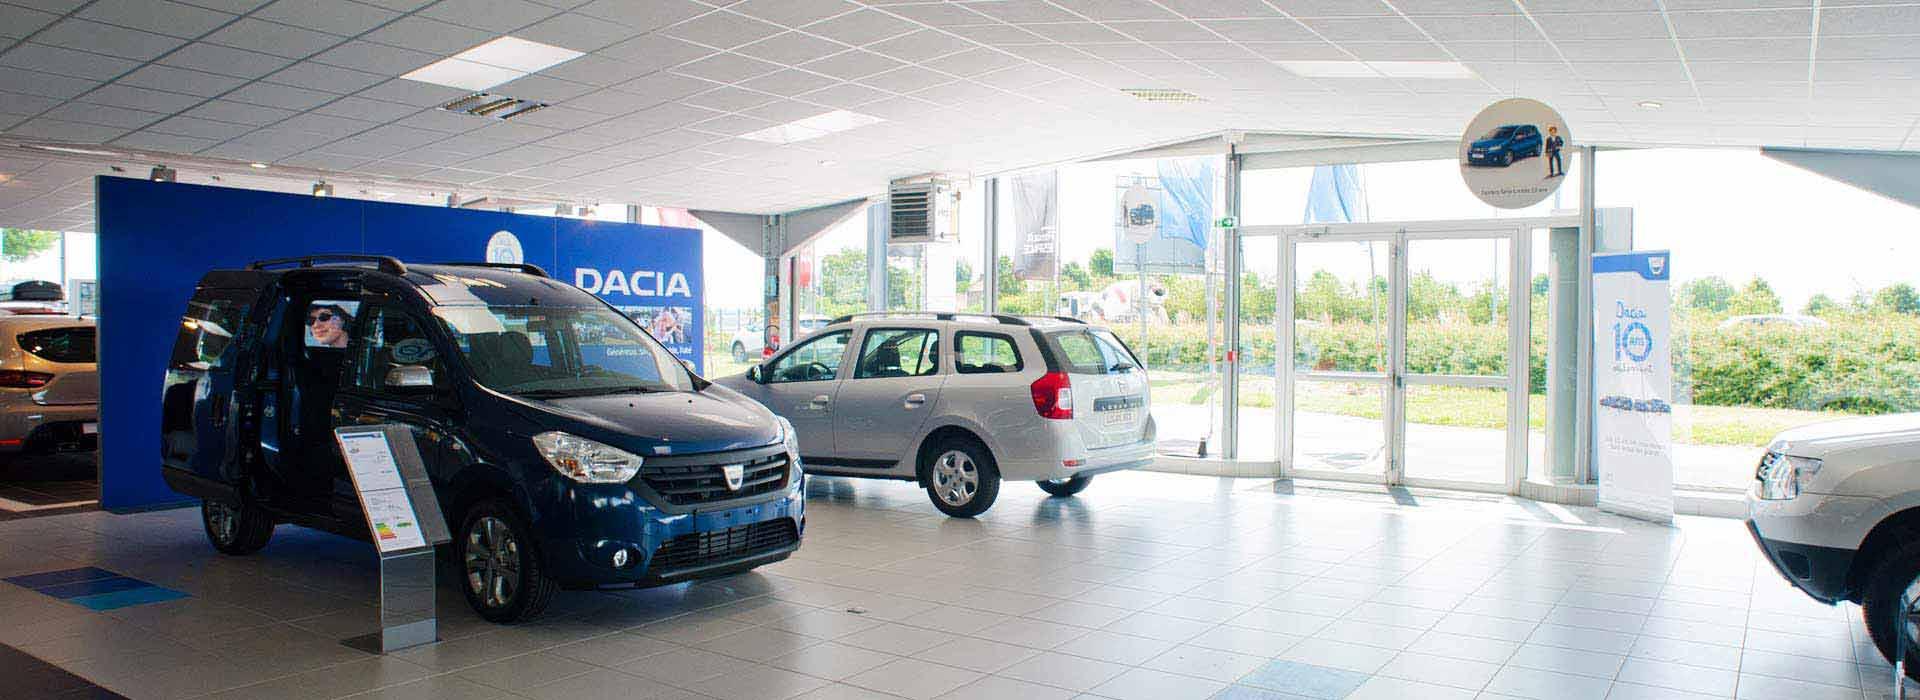 Dacia Carvin